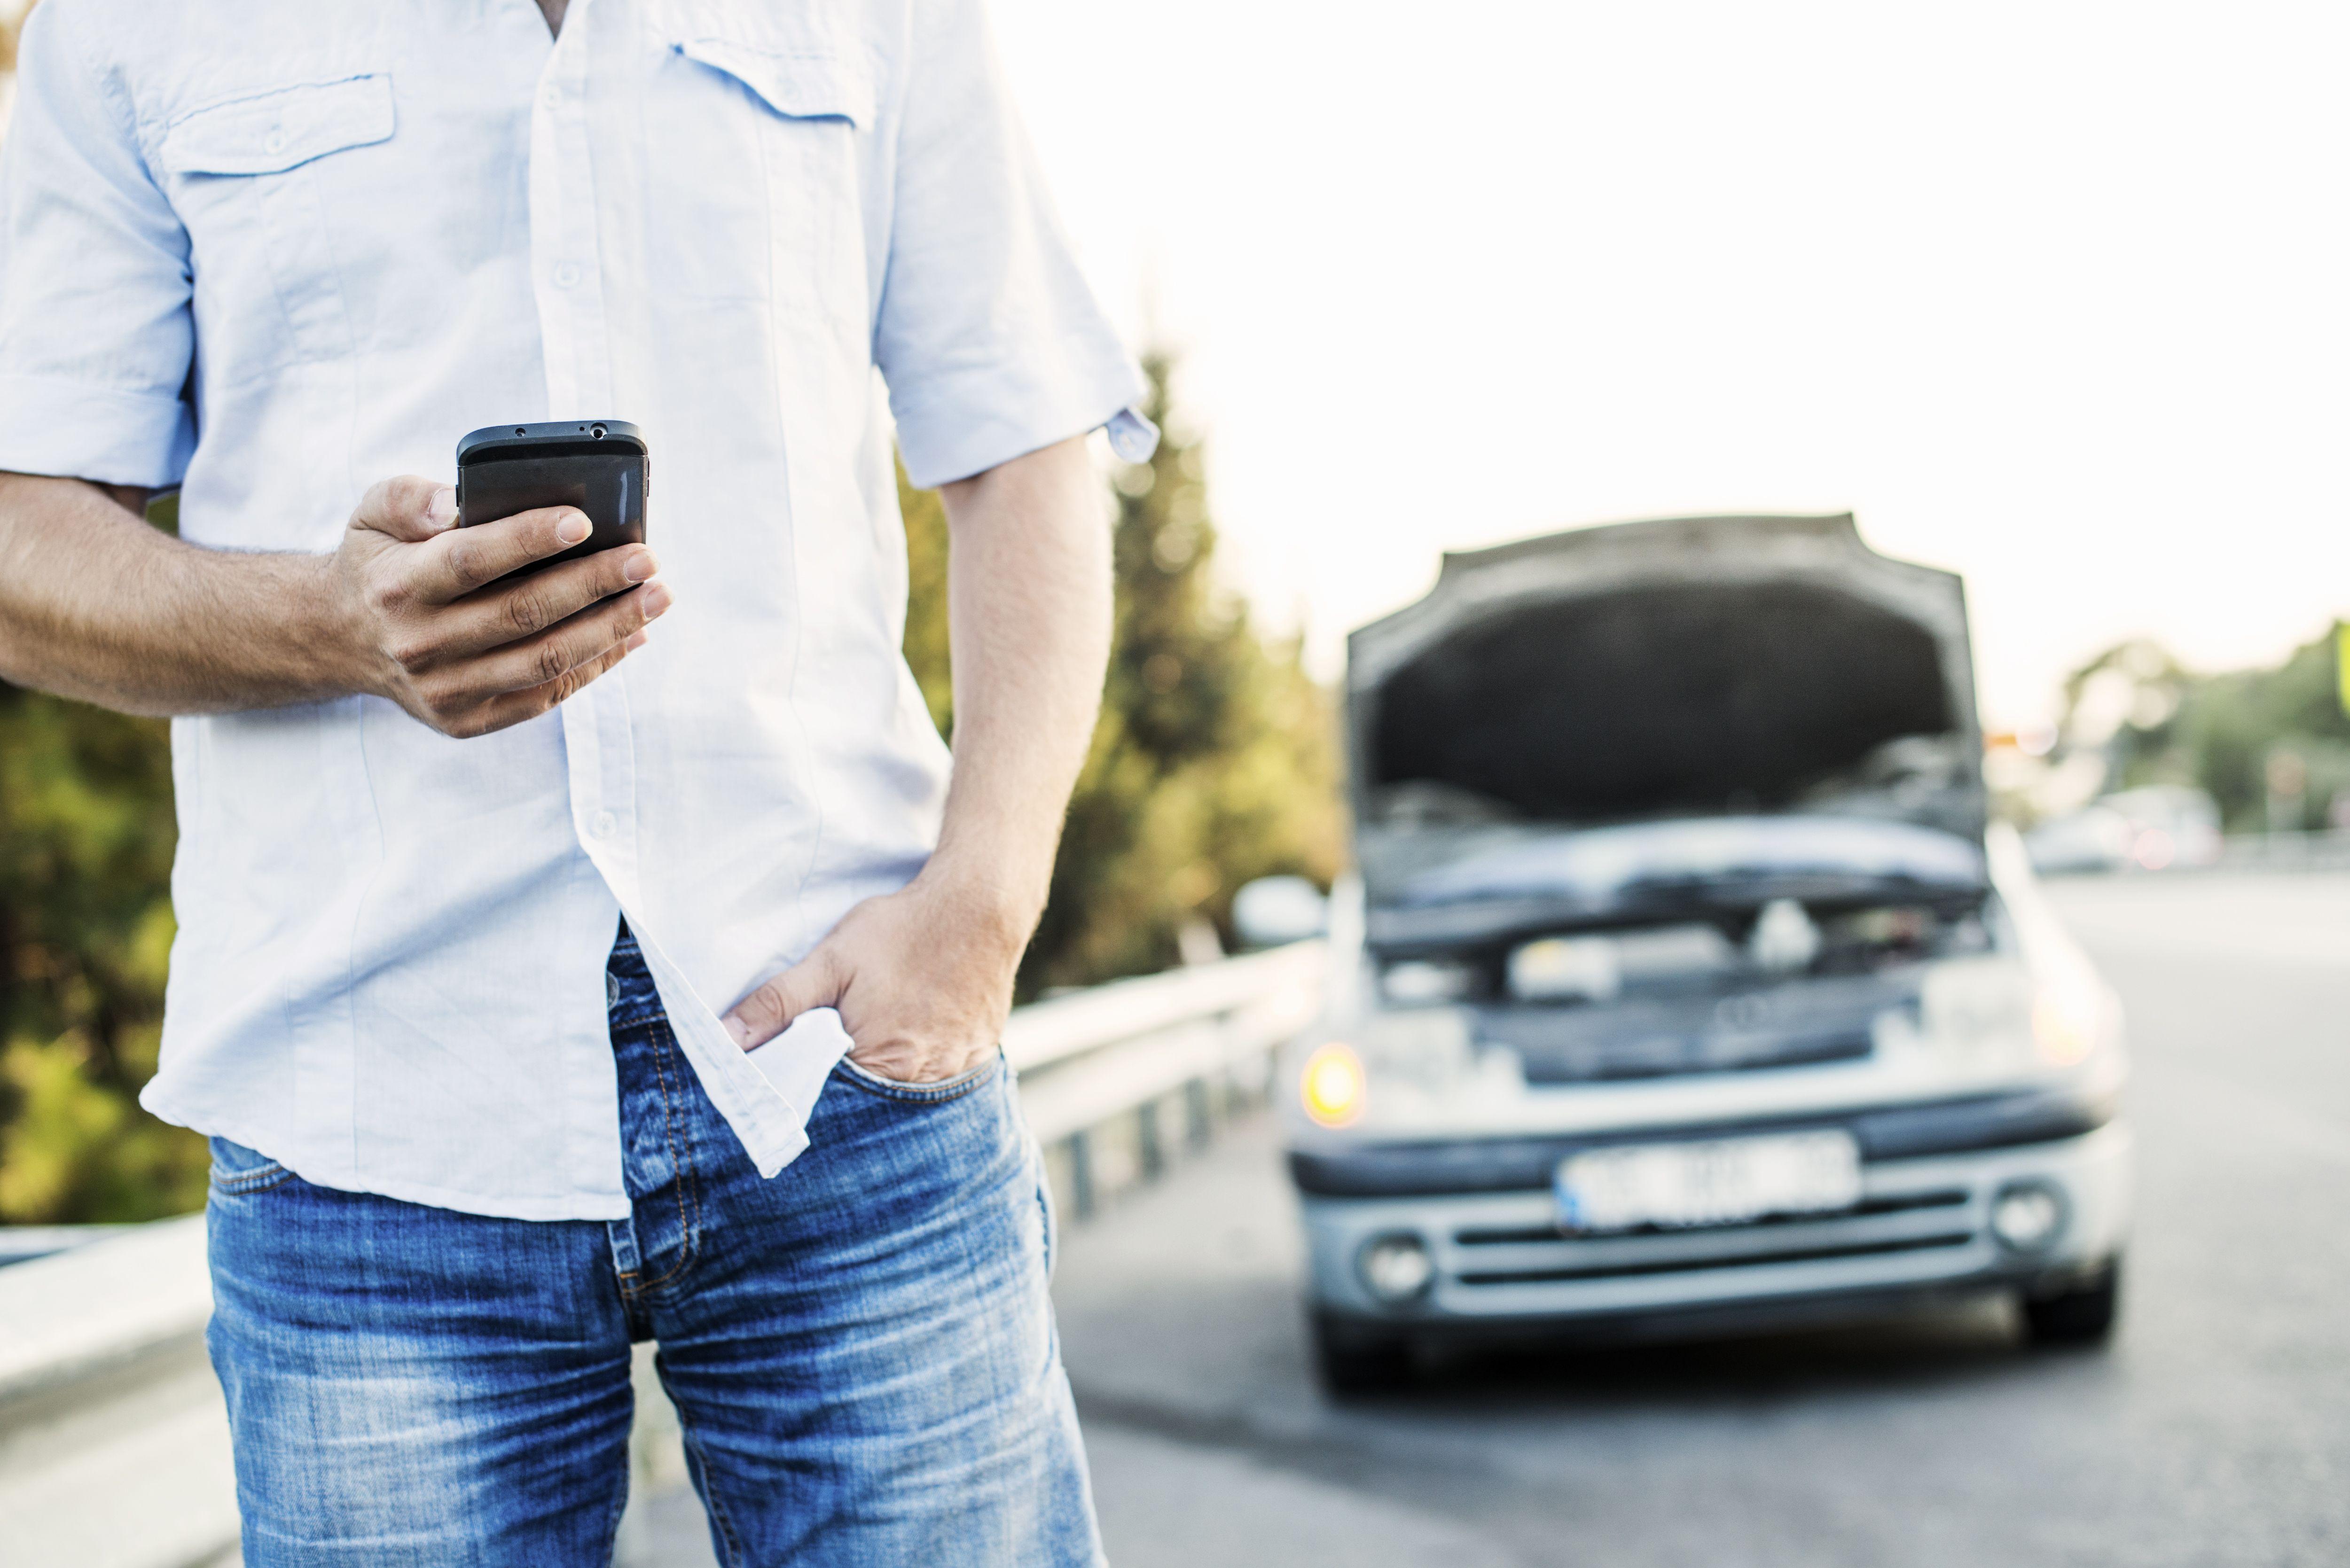 Asistencia en carretera 24 horas: Nuestros servicios de Barnacar Asistencia